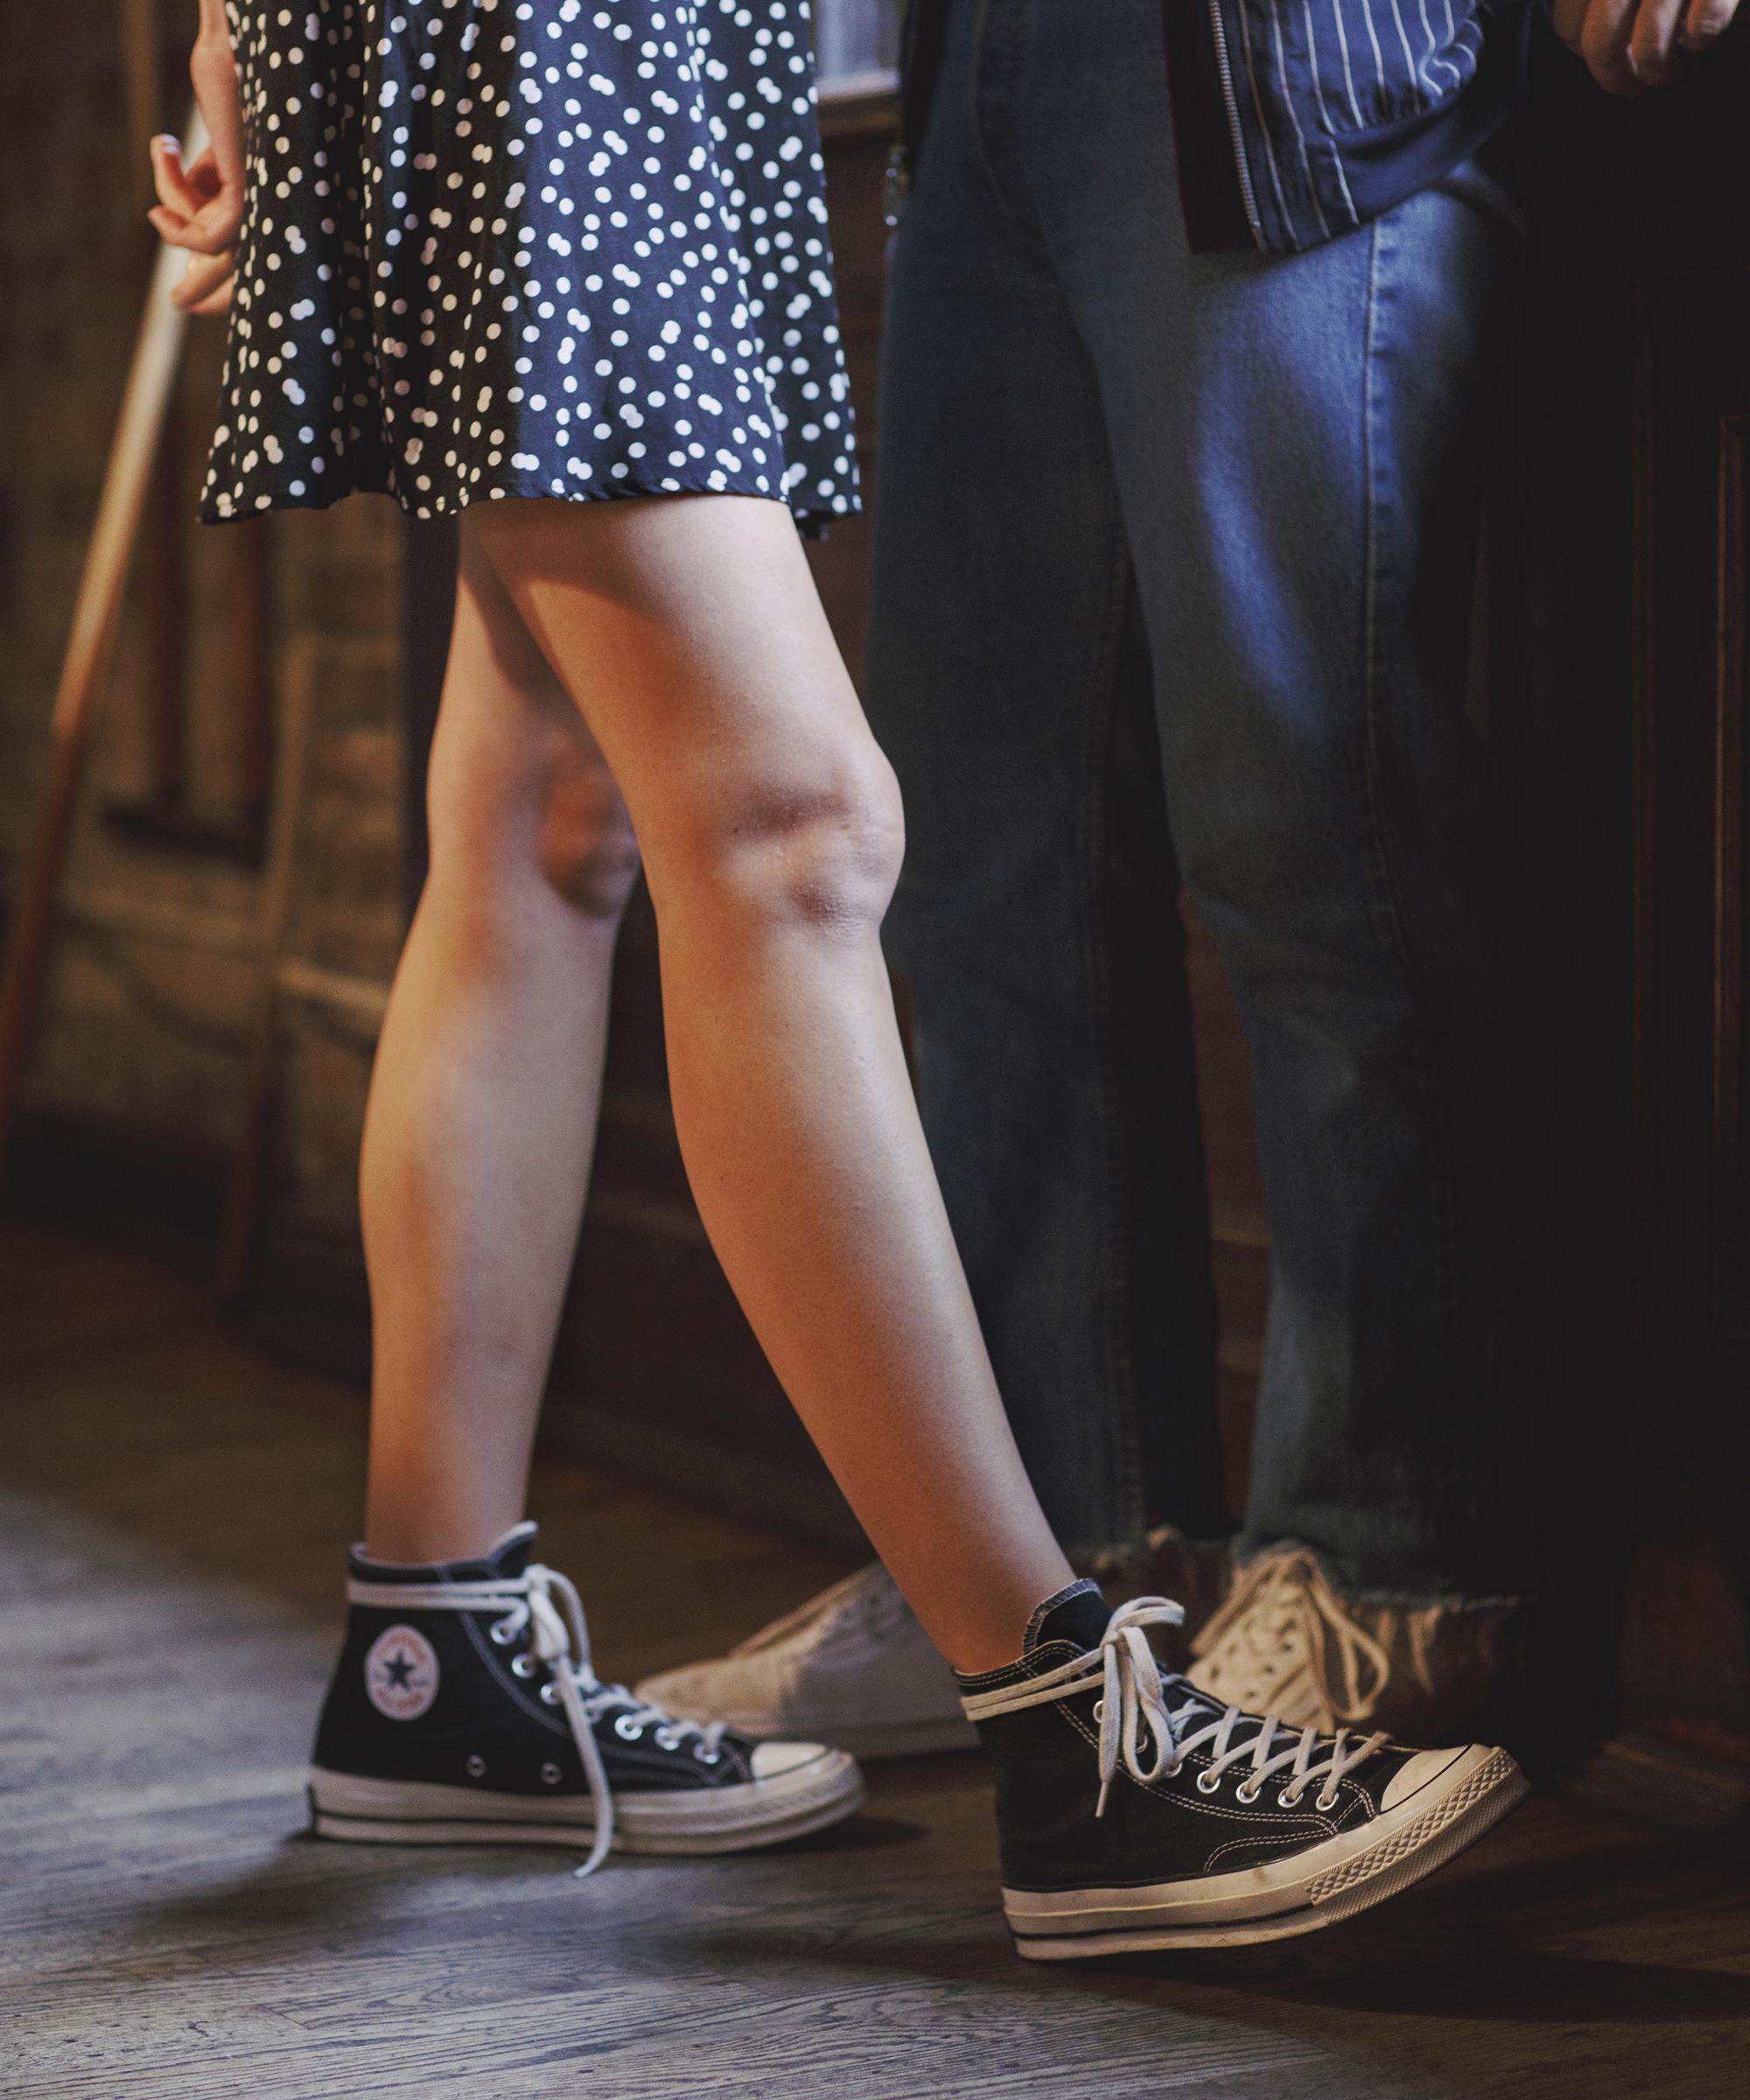 11 Signale von häuslicher Gewalt, die psychischer Natur sind